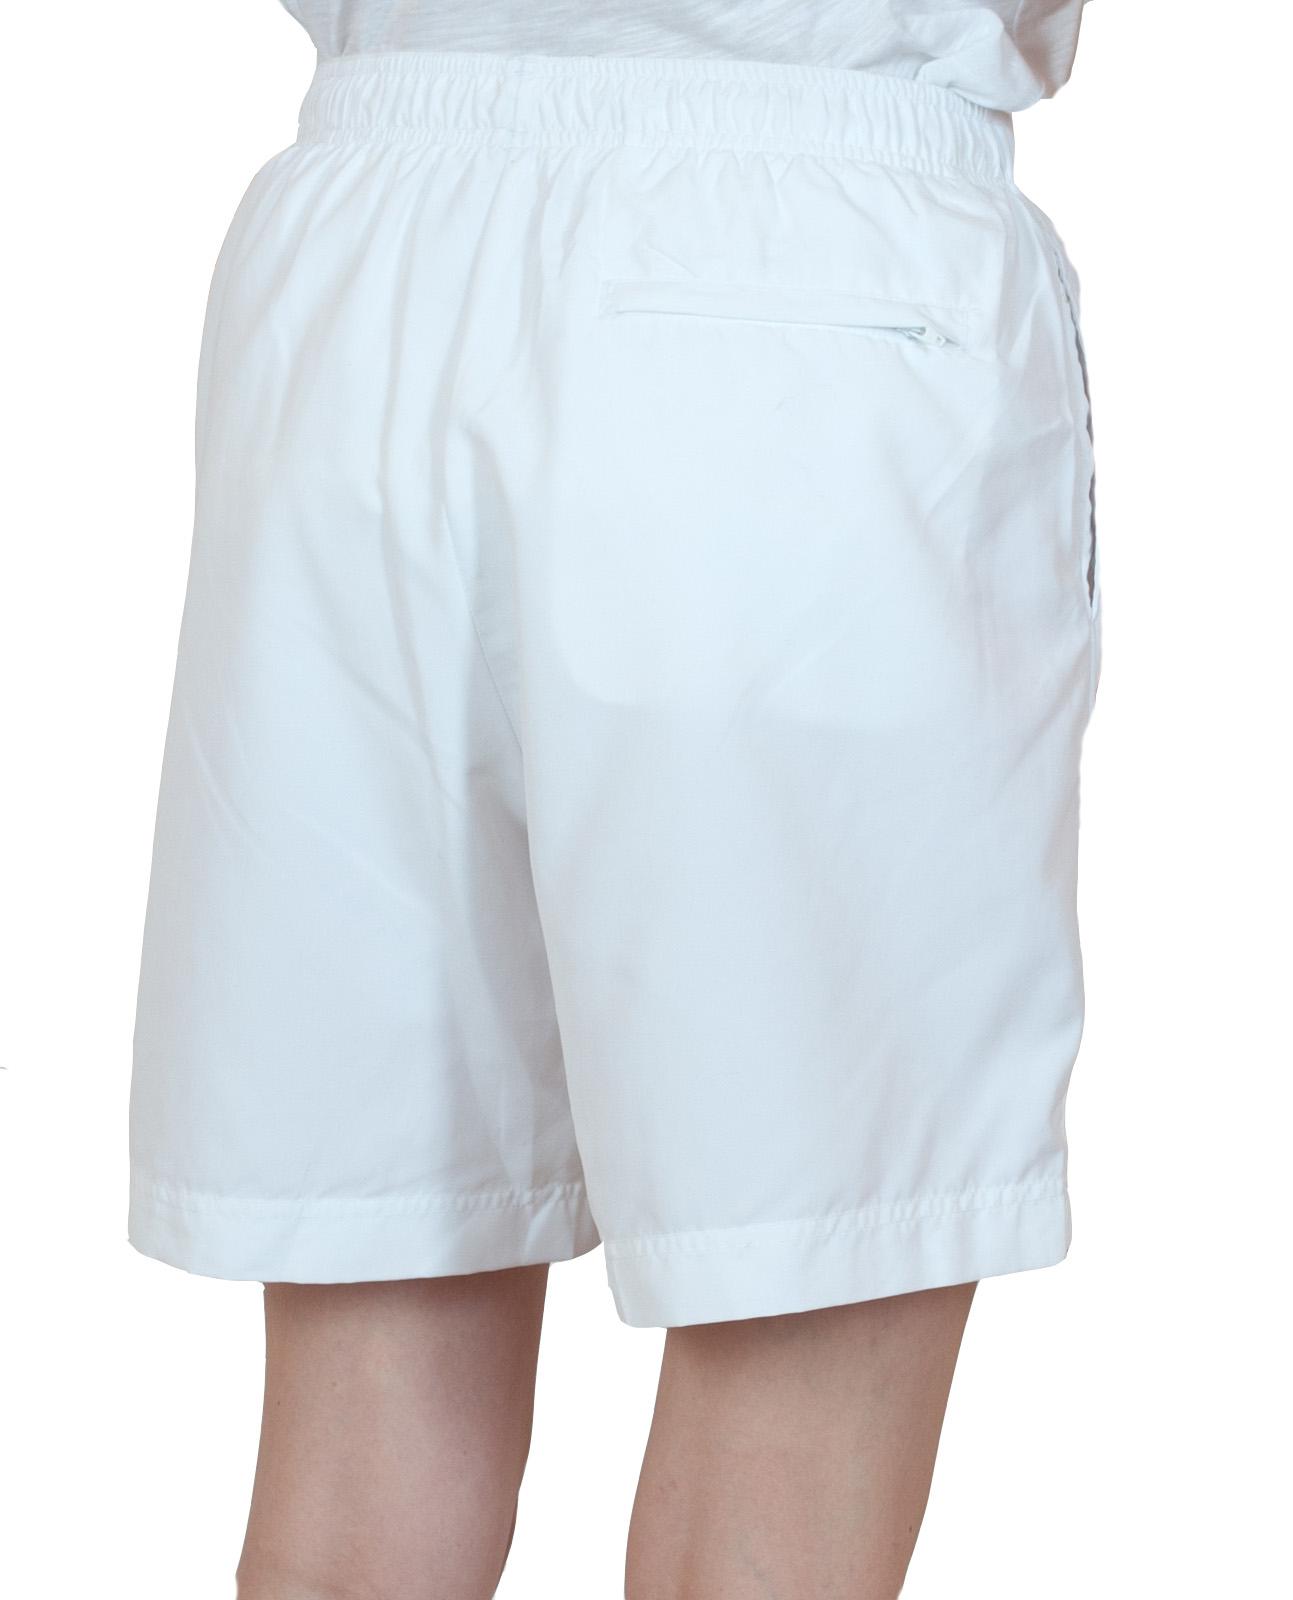 Белые женские шорты спортивного стиля - вид сзади